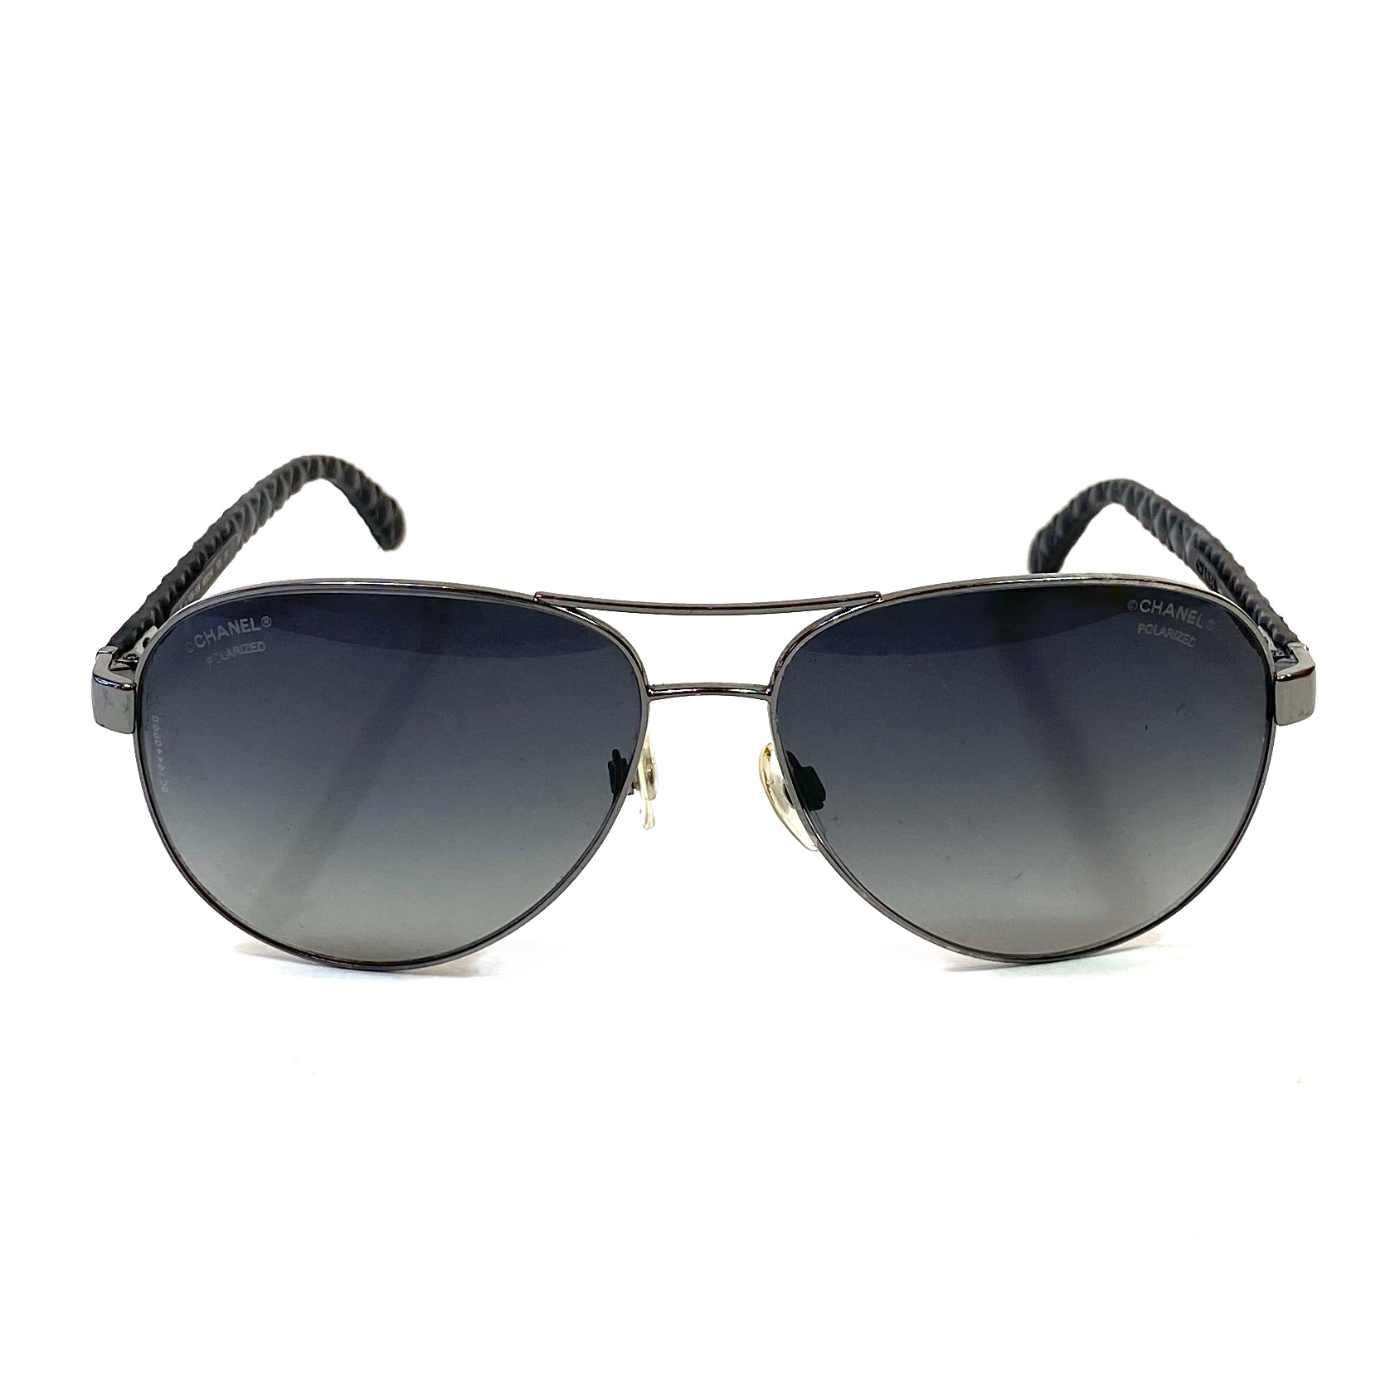 Óculos Chanel Aviador Preto 4204-Q